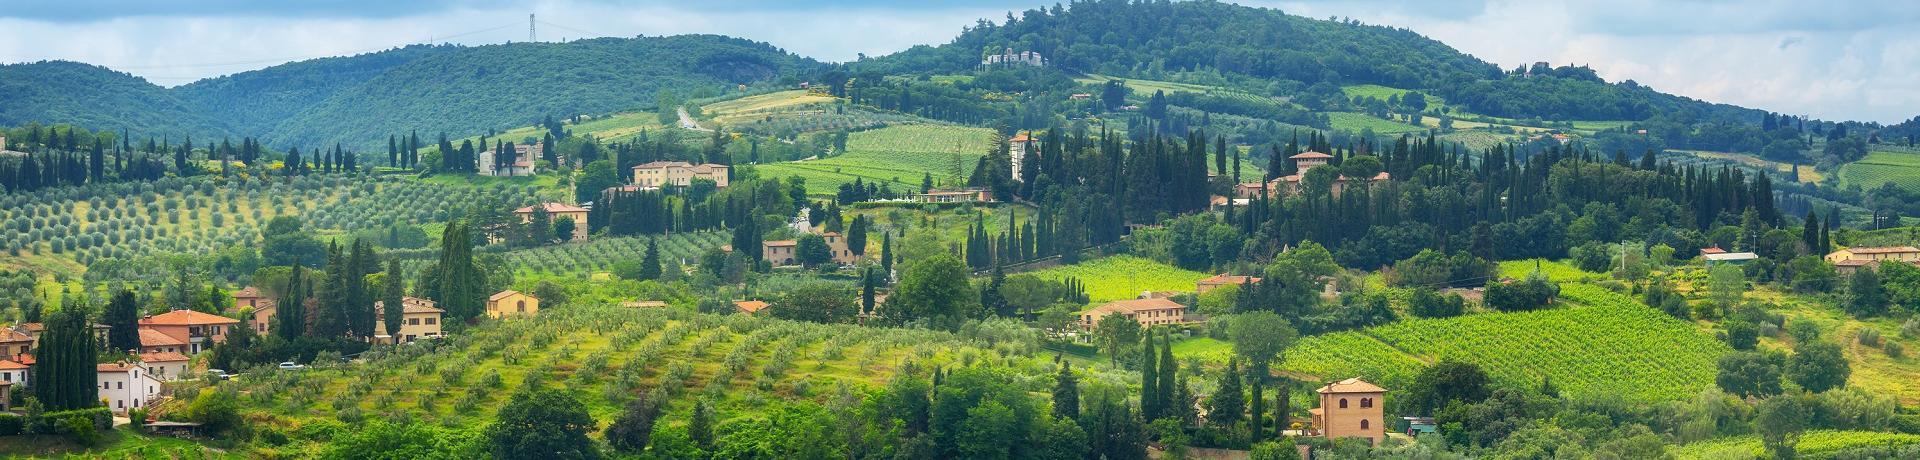 Italien: Weinberge - Emotion